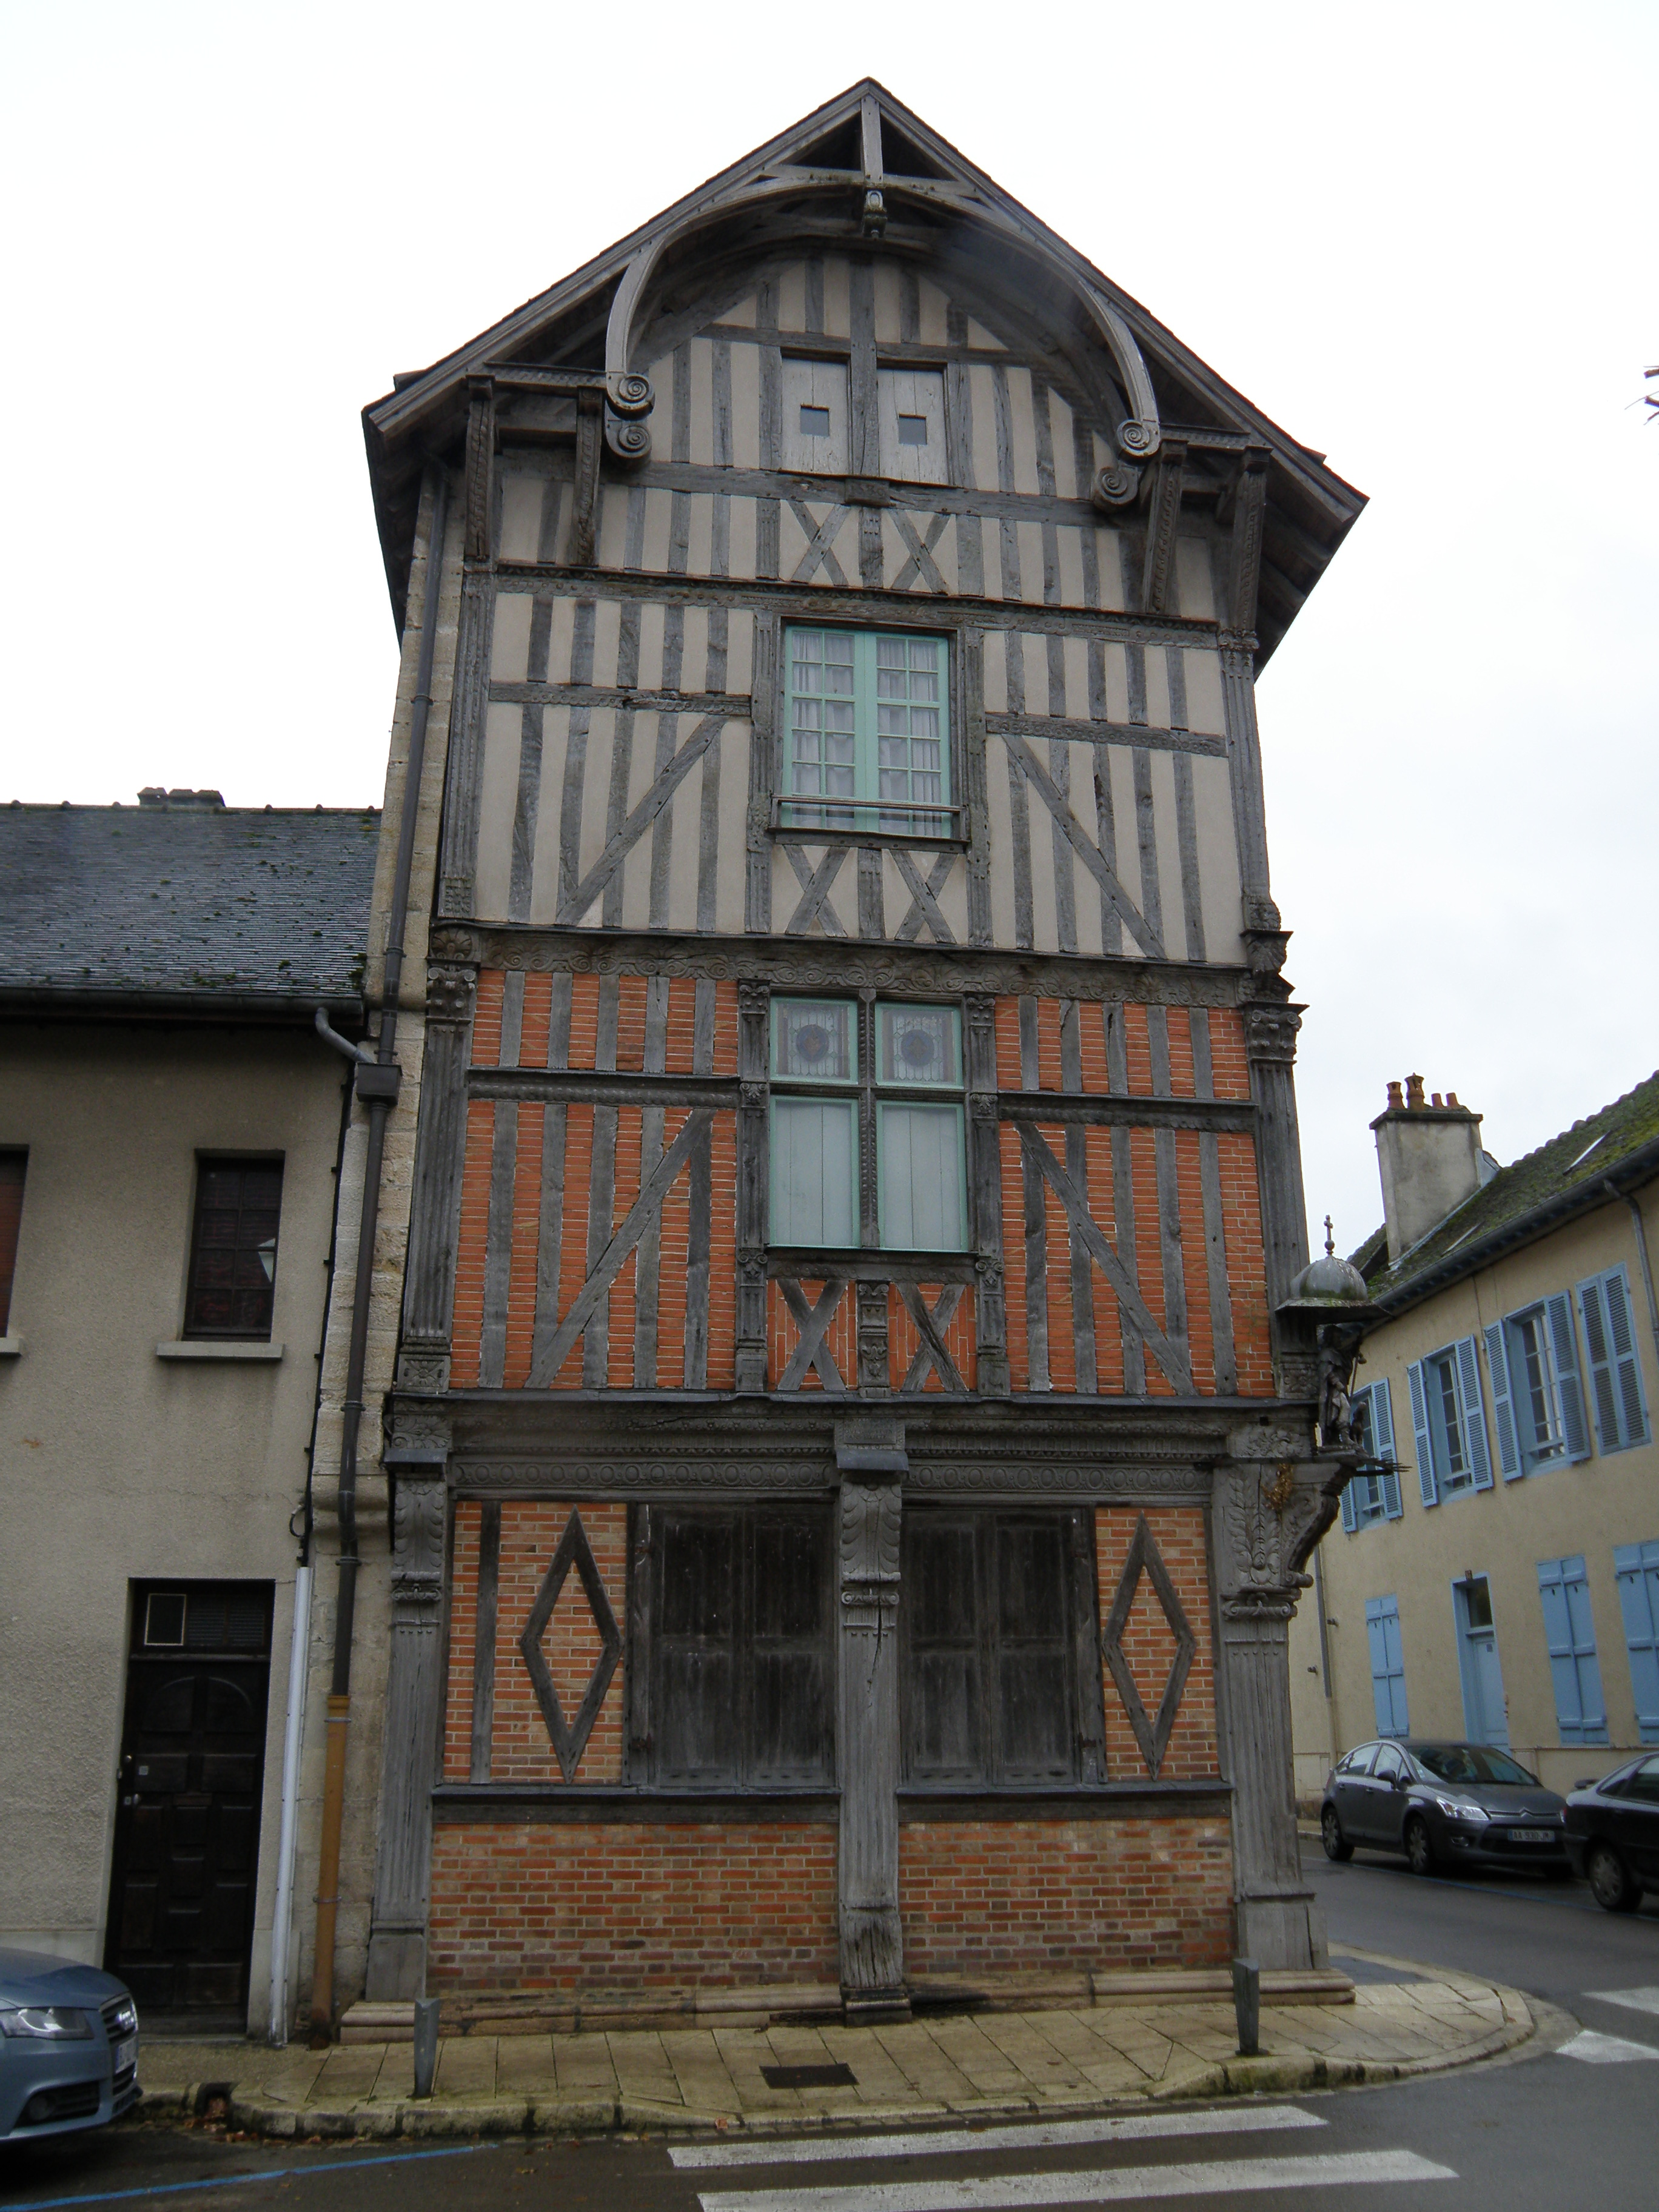 Maison à Pan De Bois : maison, File:Maison, Bar-sur-Seine, 01.JPG, Wikimedia, Commons